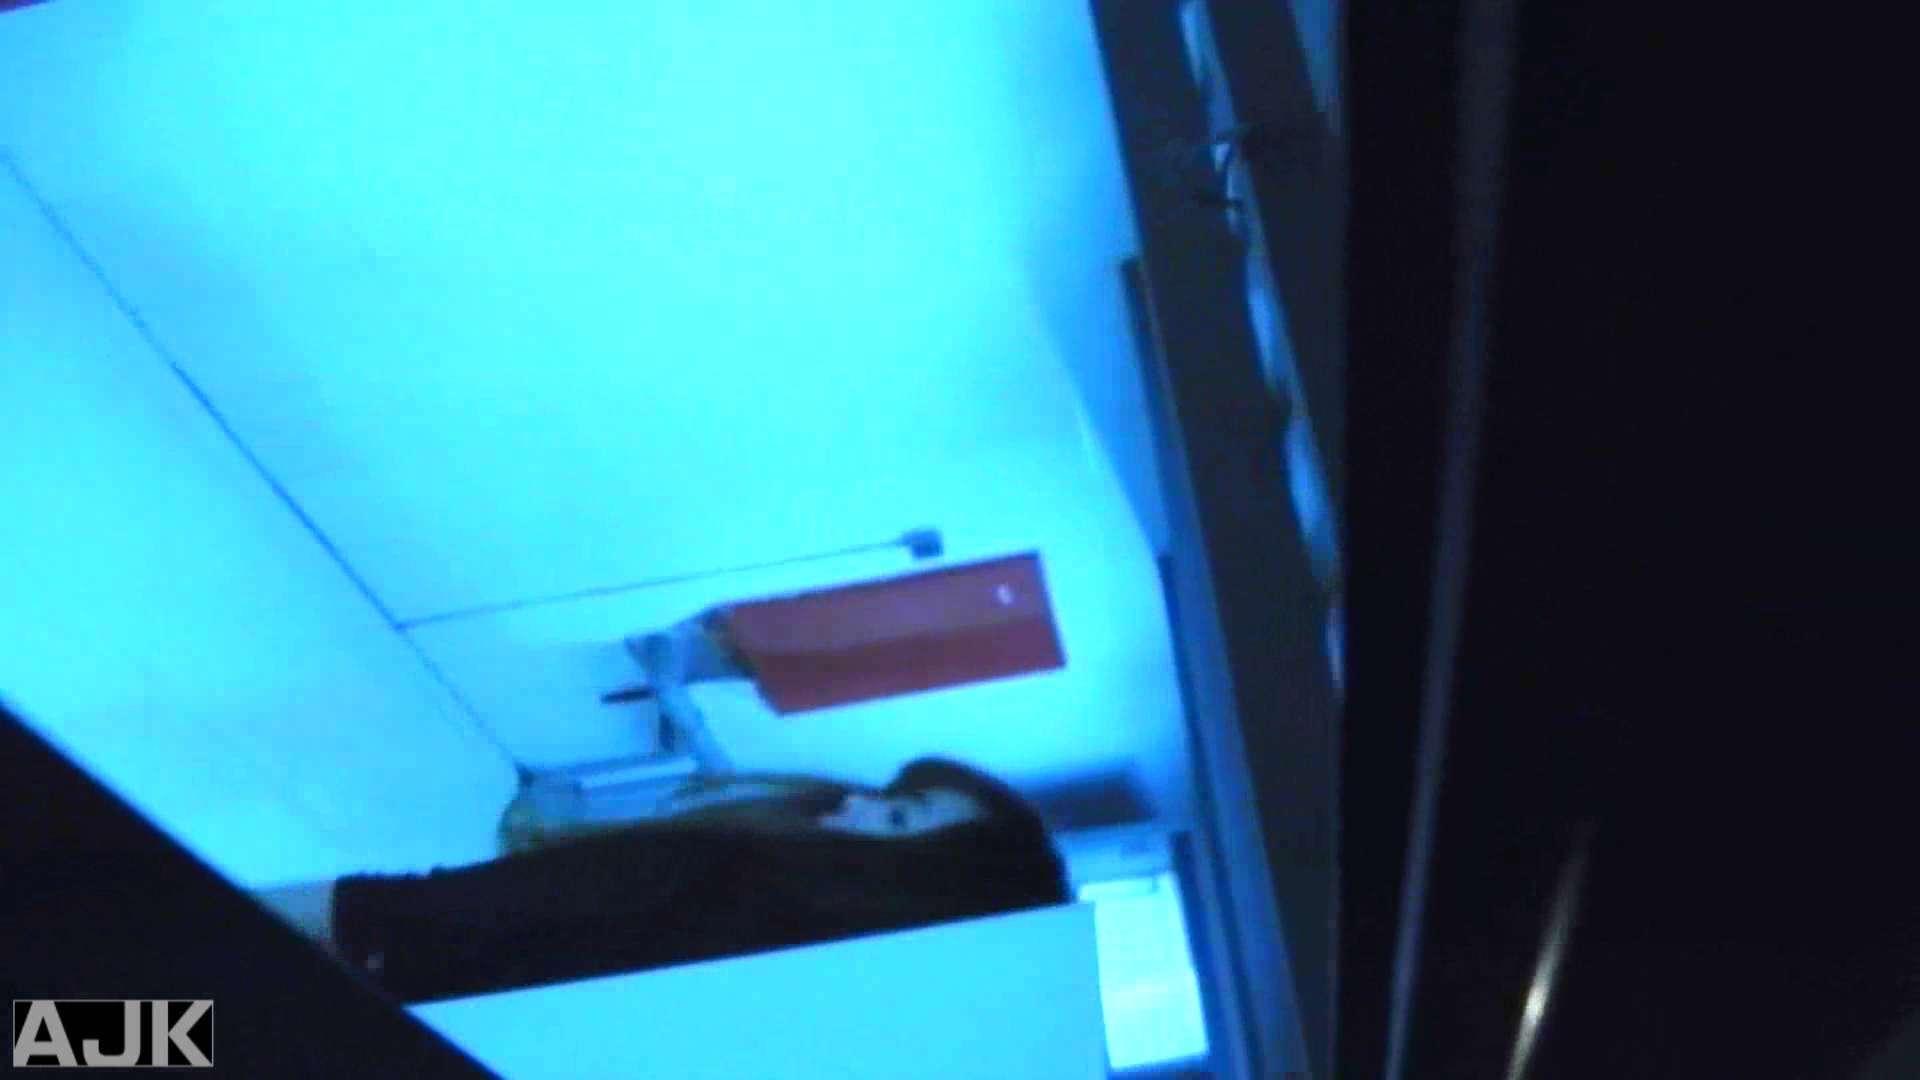 神降臨!史上最強の潜入かわや! vol.12 お姉さん達のオマンコ エロ無料画像 84連発 78